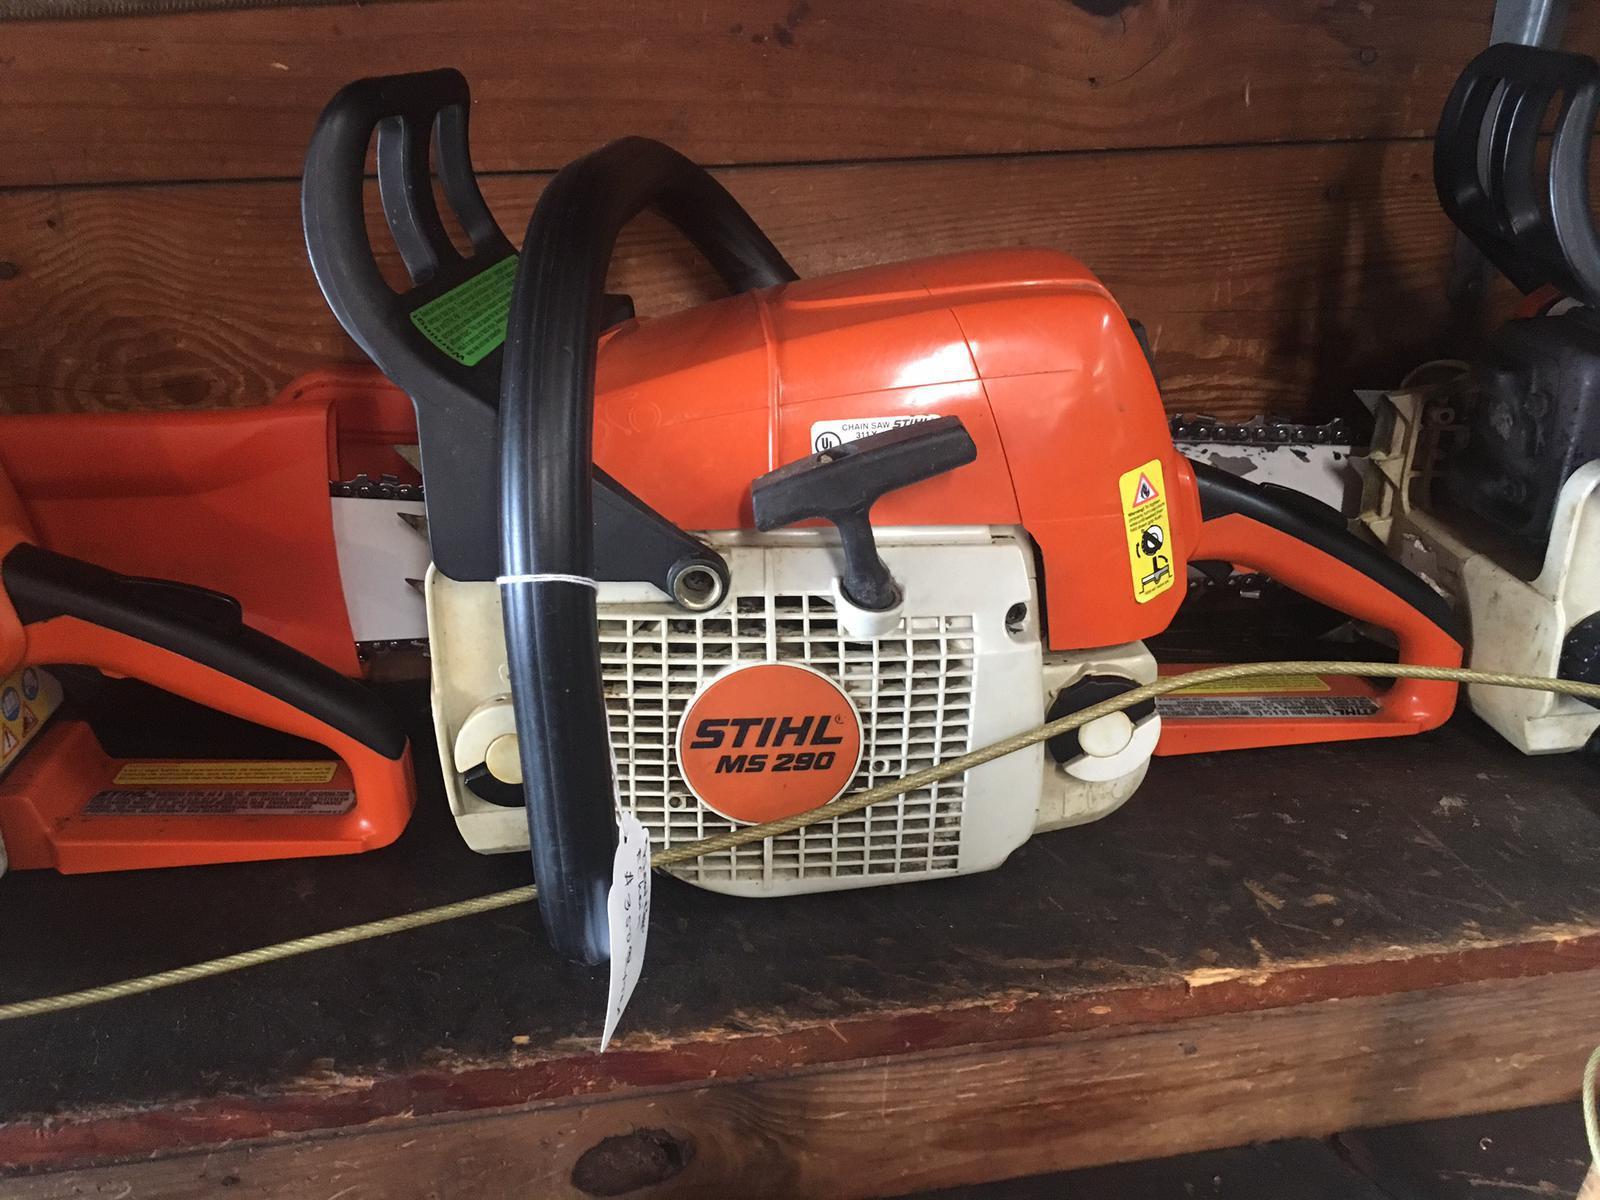 medium resolution of 2010 stihl ms 290 farm boss chain saw for sale in lynn in polley farm service inc 765 874 2291